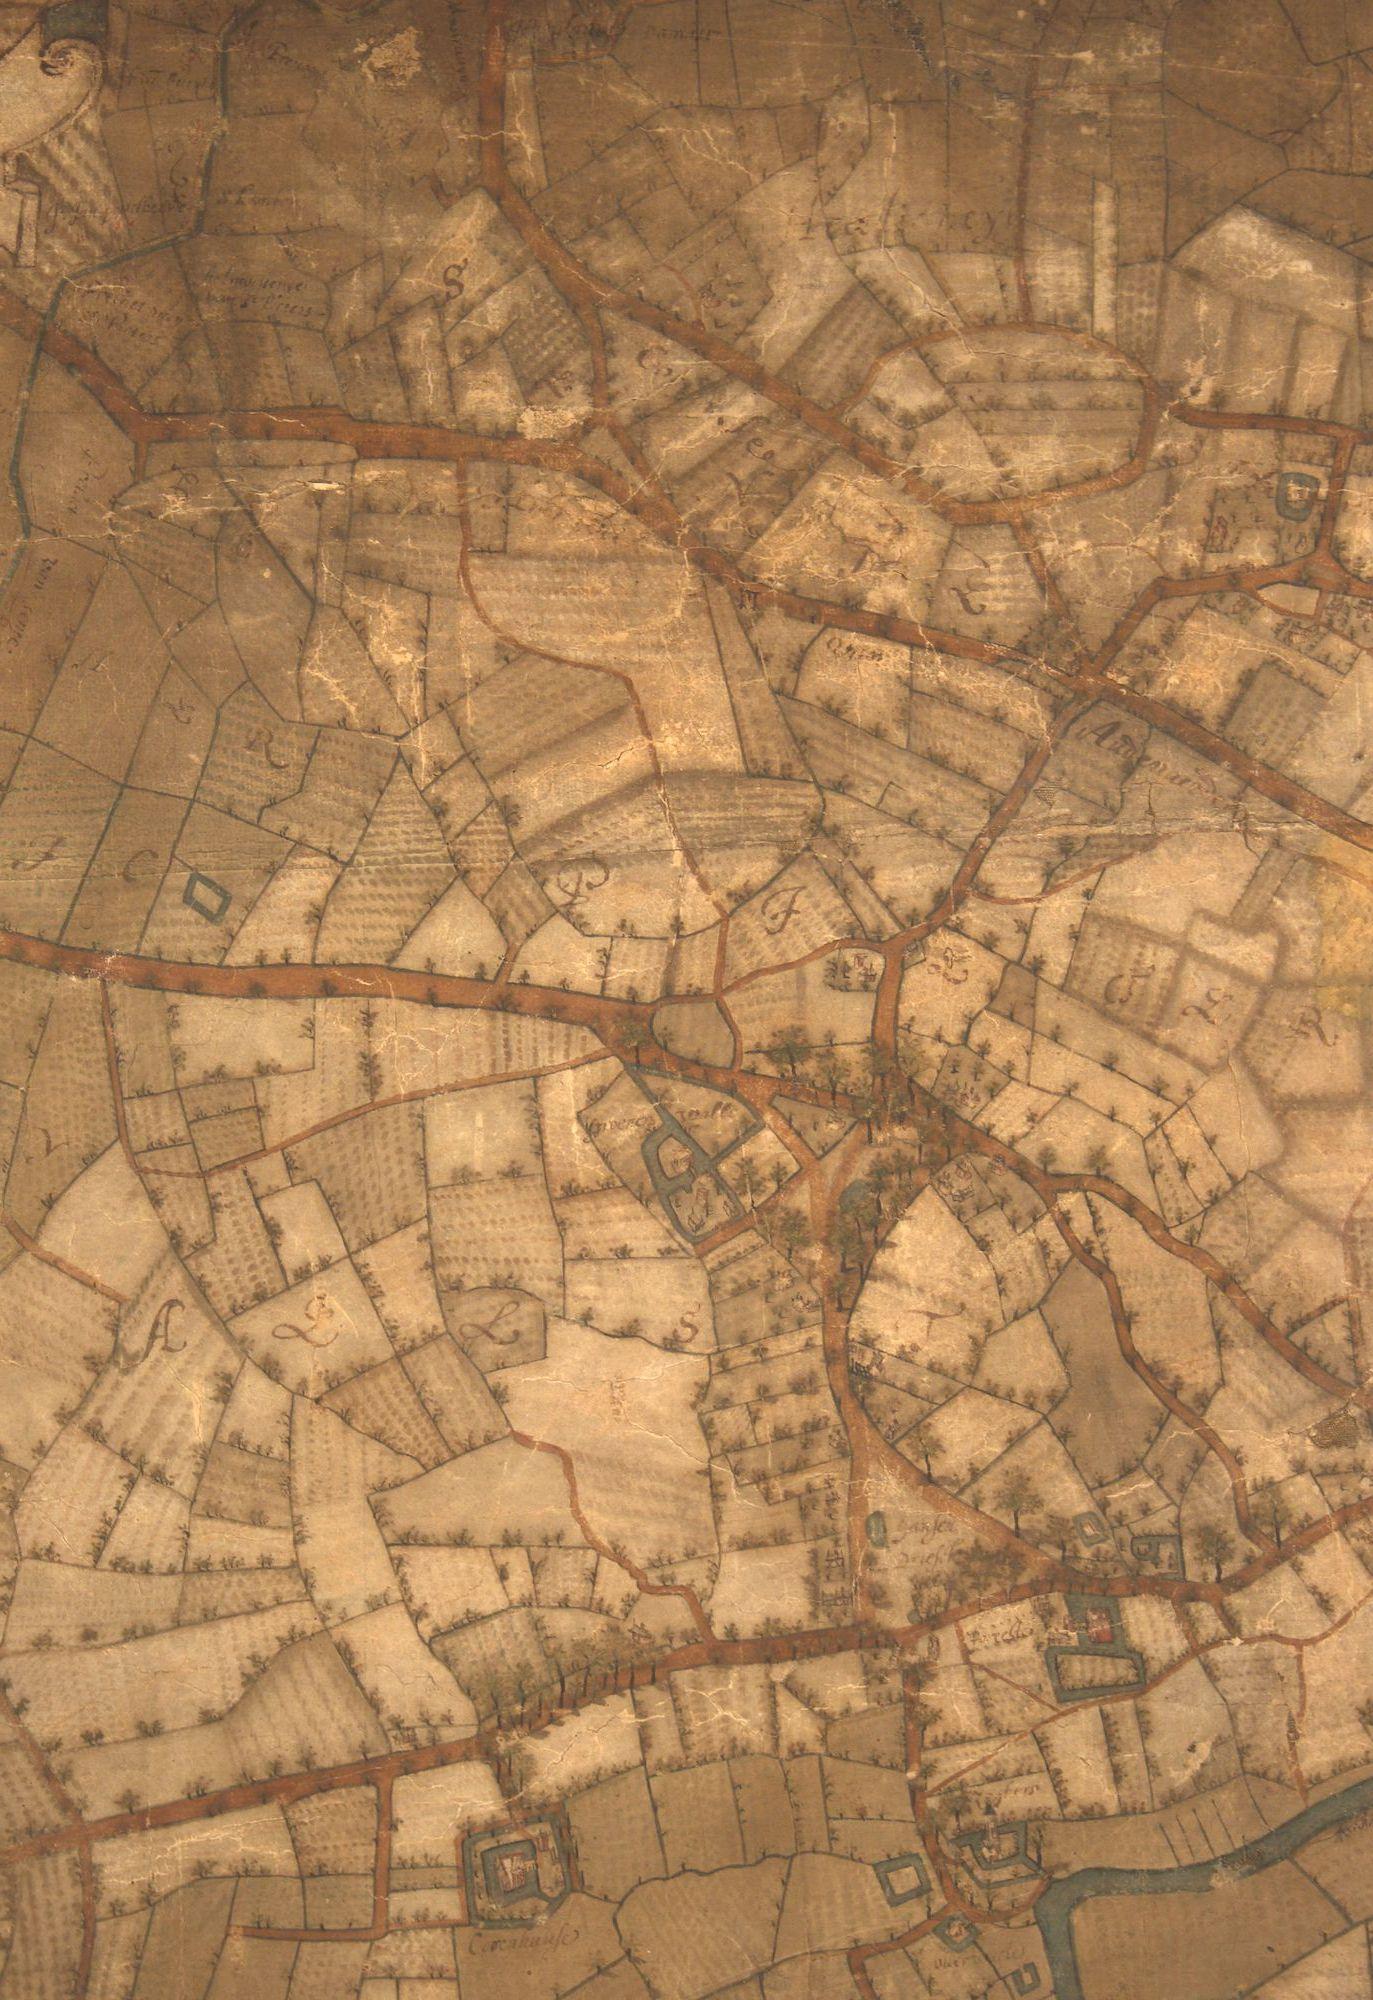 Sint-Pieters-Aaigem en Sint-Pieters-Aalst: kaartdeel 11 (VII) van de Kaart van Gent en het Vrije van Gent afgebakend door de Rietgracht, Jacques Horenbault, 1619